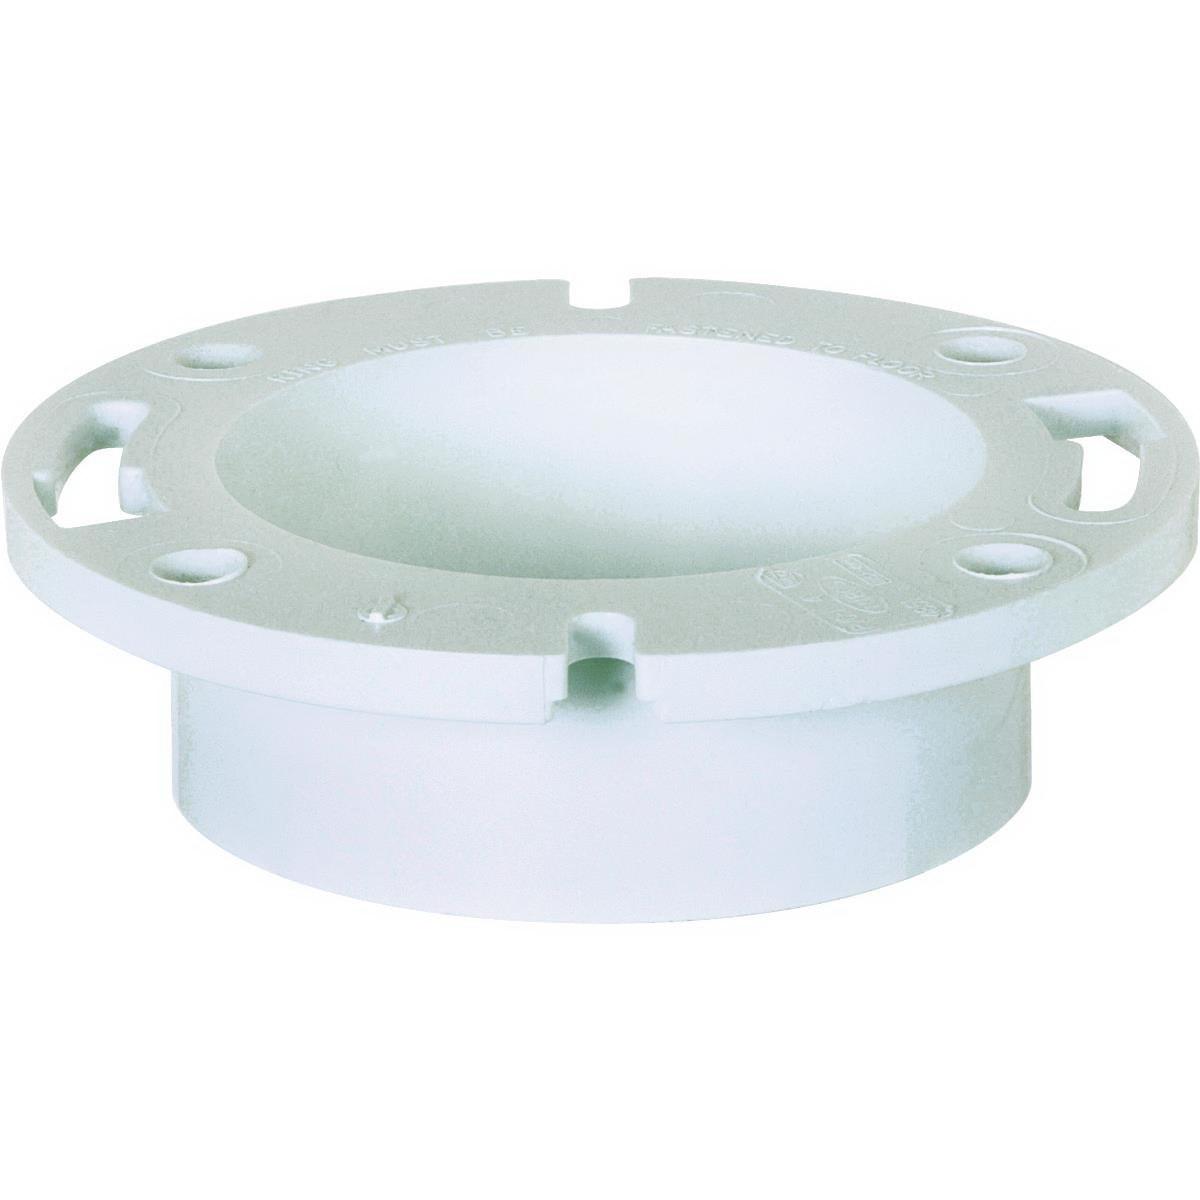 White PVC SCH 40 1-Piece DWV Closet Flange, 4 in x 3 in, Hub